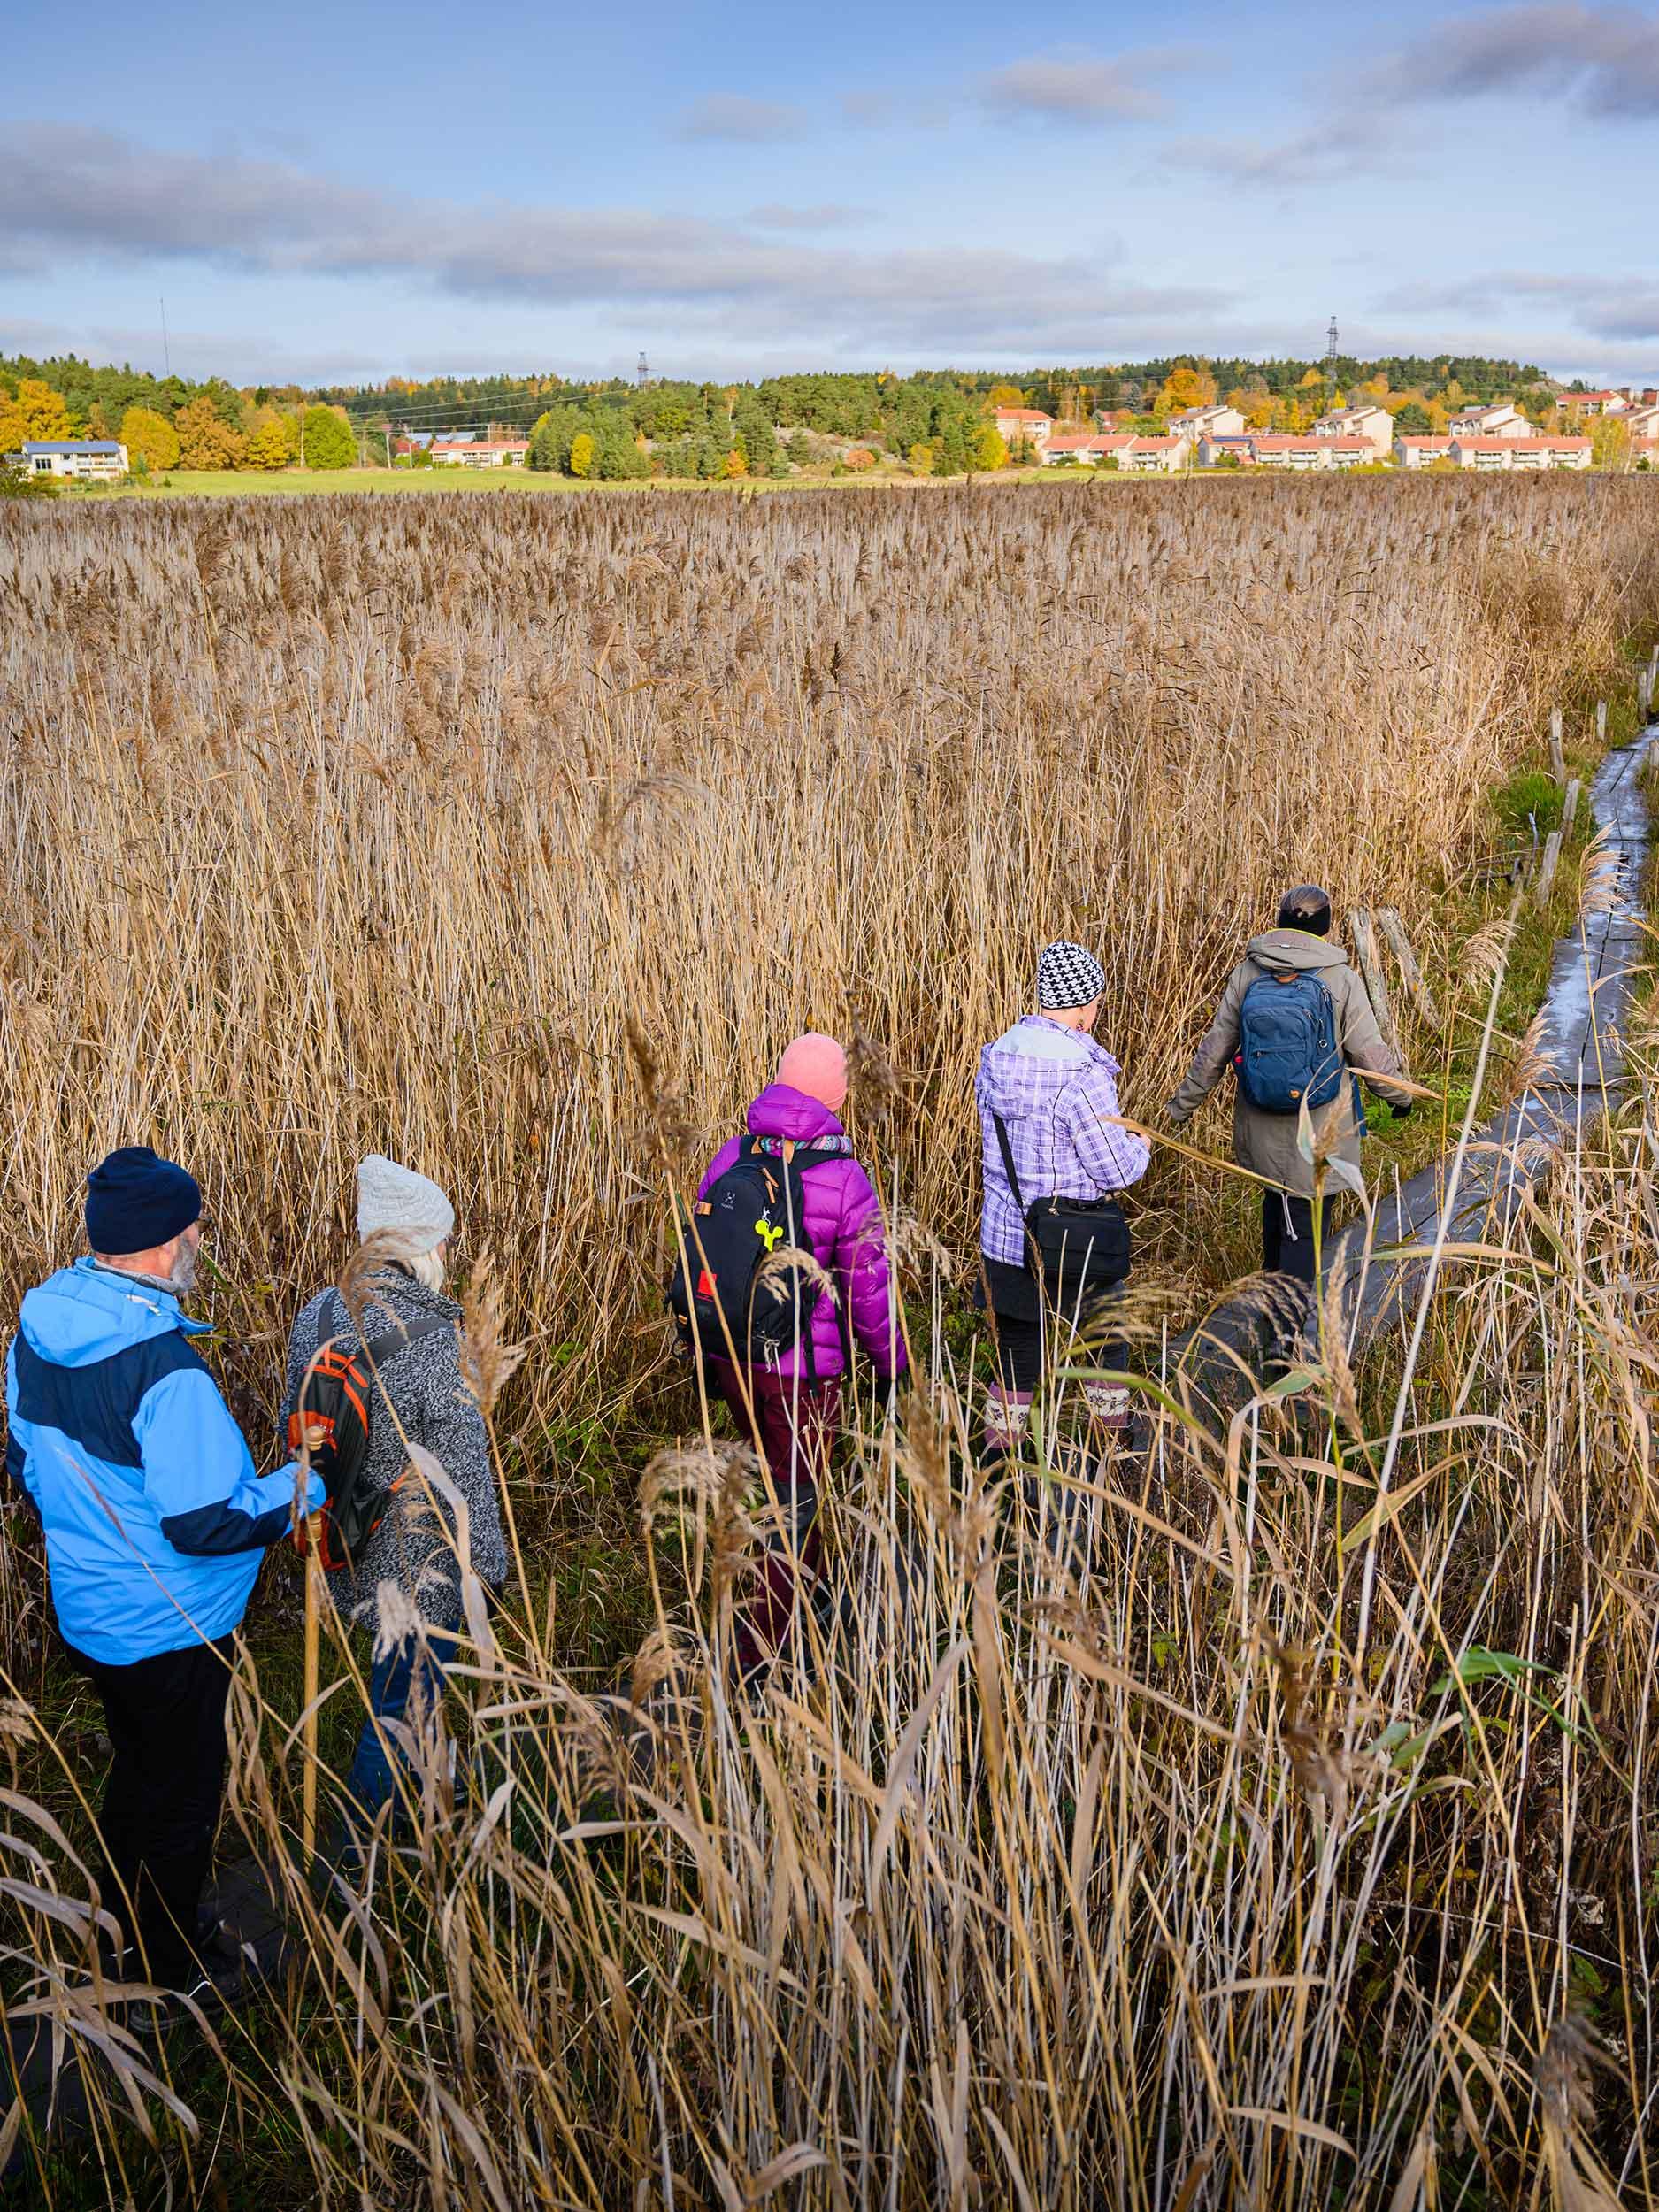 Pyhän Olavin merireitillä Turun Rauvolanlahden pitkospuupolulla on ollut vilskettä. Koronaepidemian aikana vaeltamisen ja retkeilyn suosio on huimasti kasvanut.